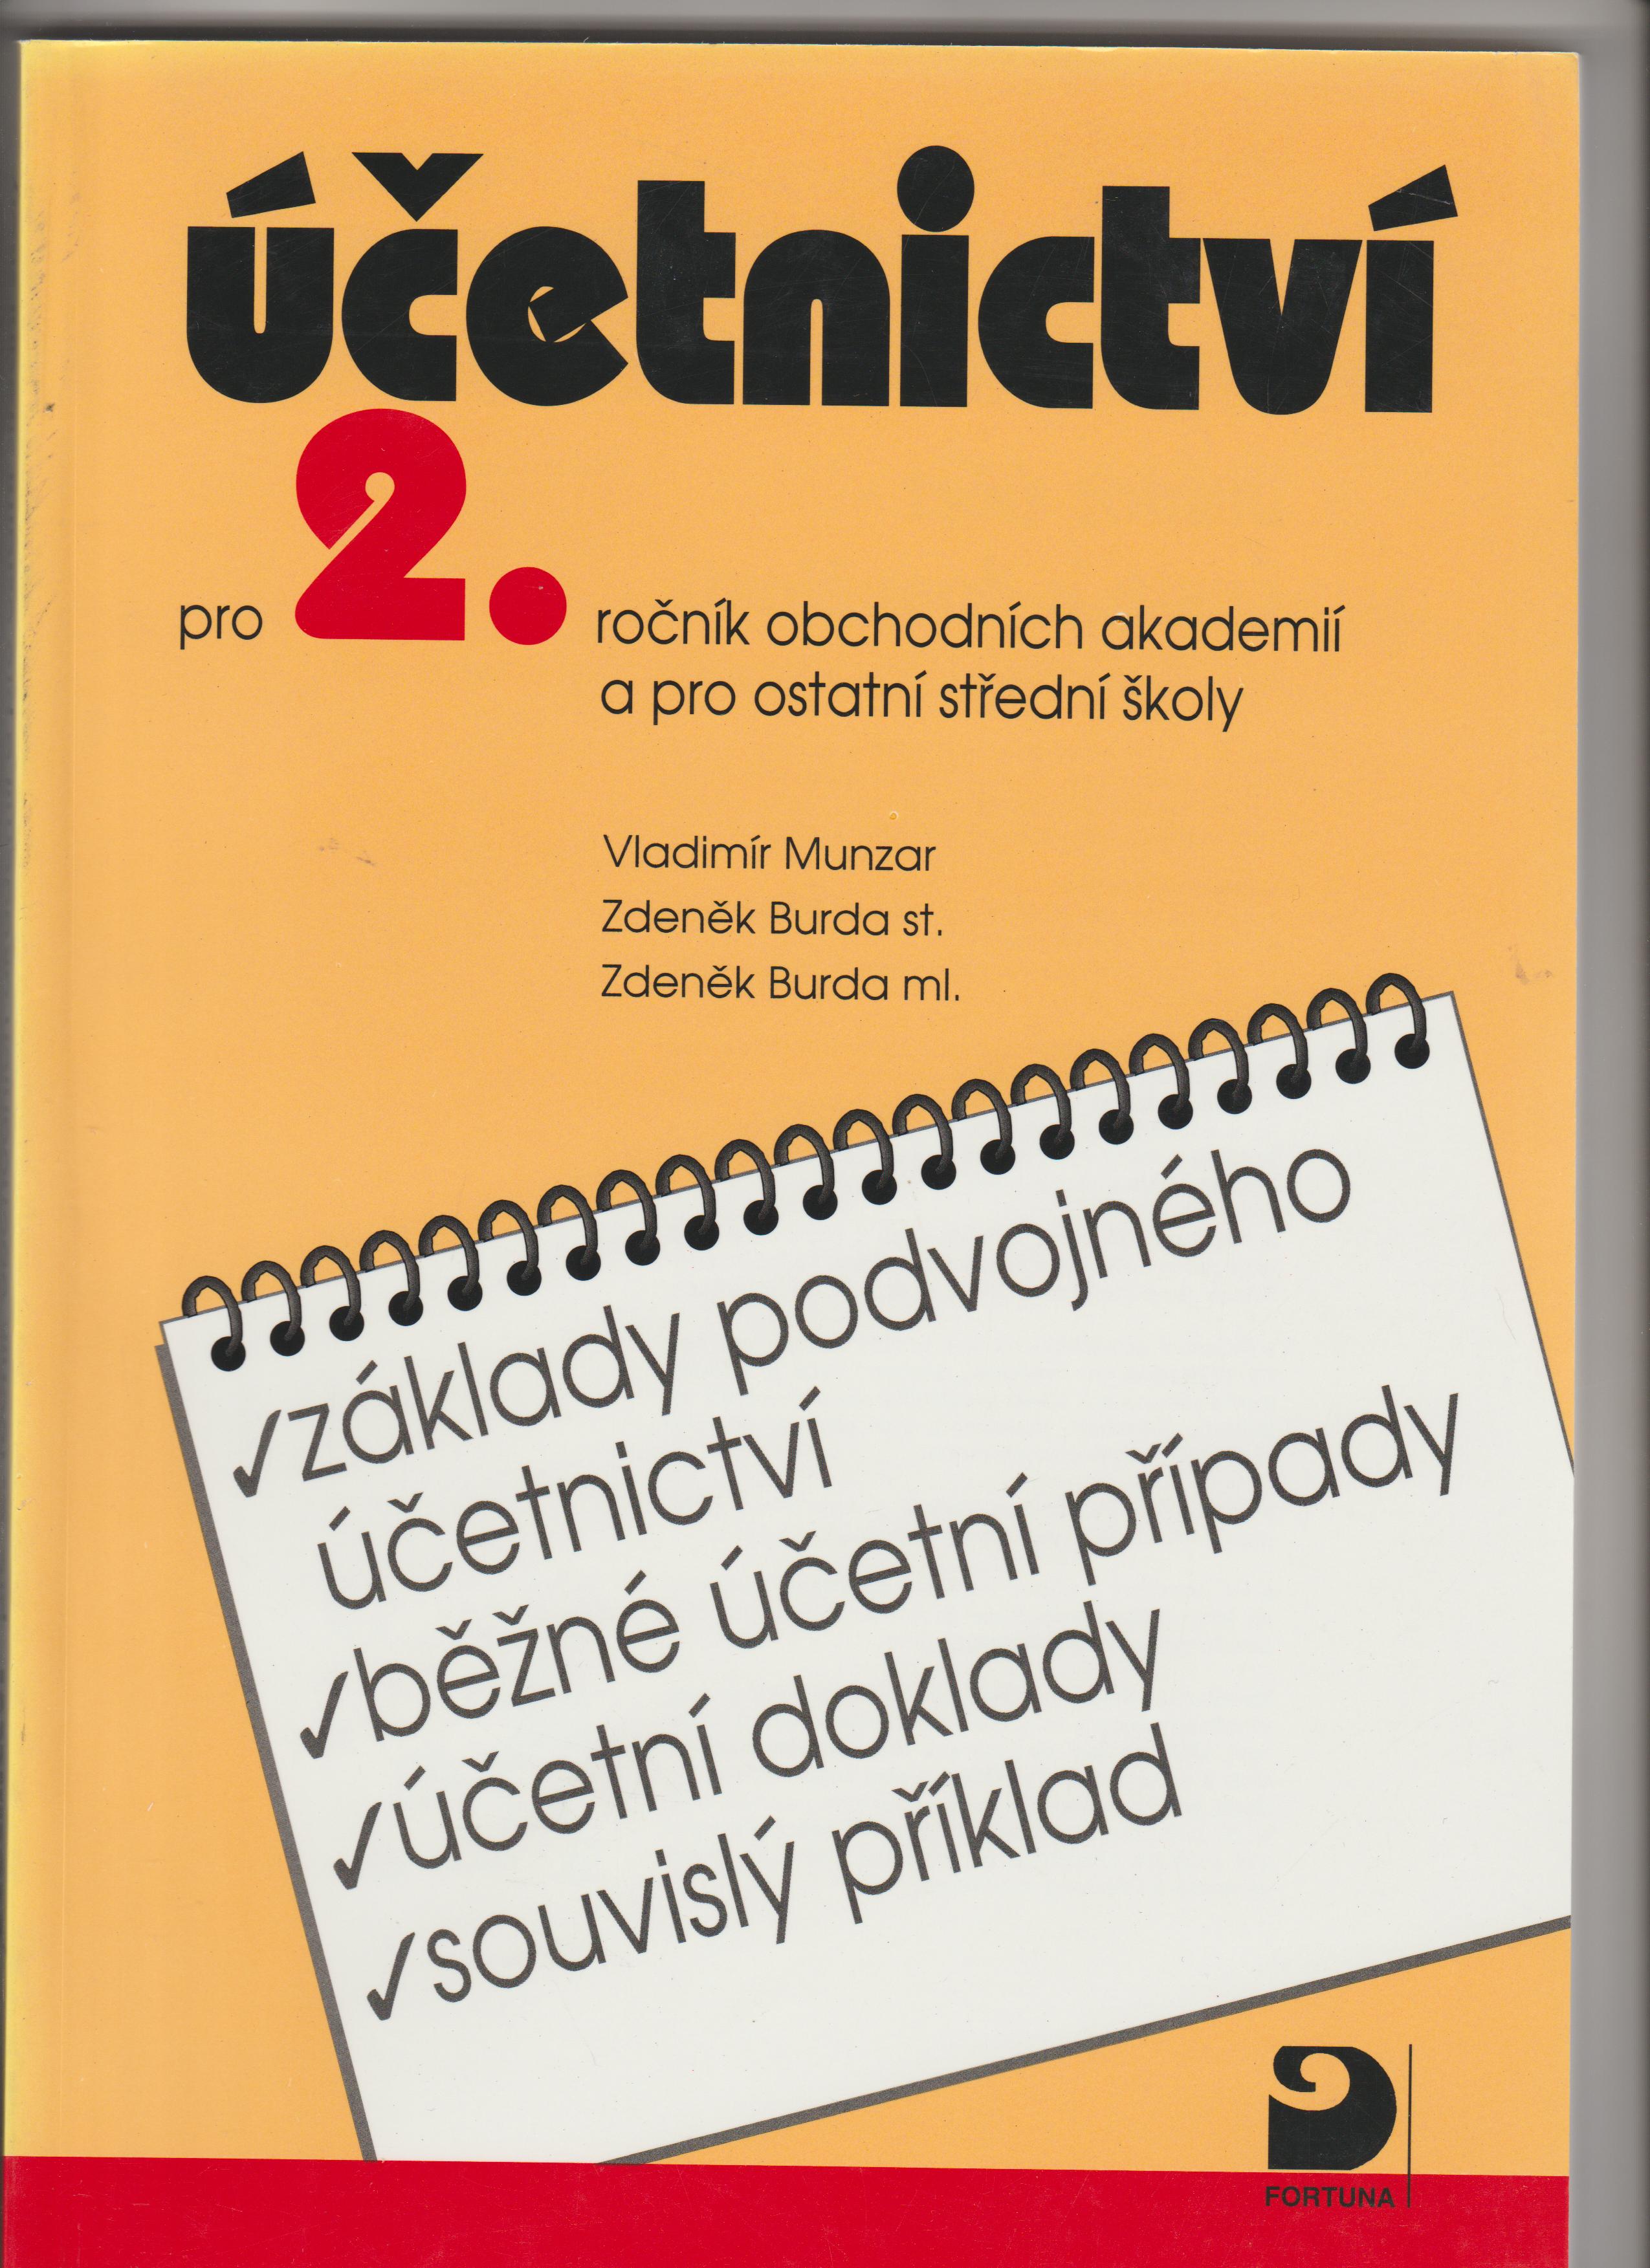 Účetnictví - Vladimír Munzar, Zdeněk Burda ml., Zdeněk Burda st.